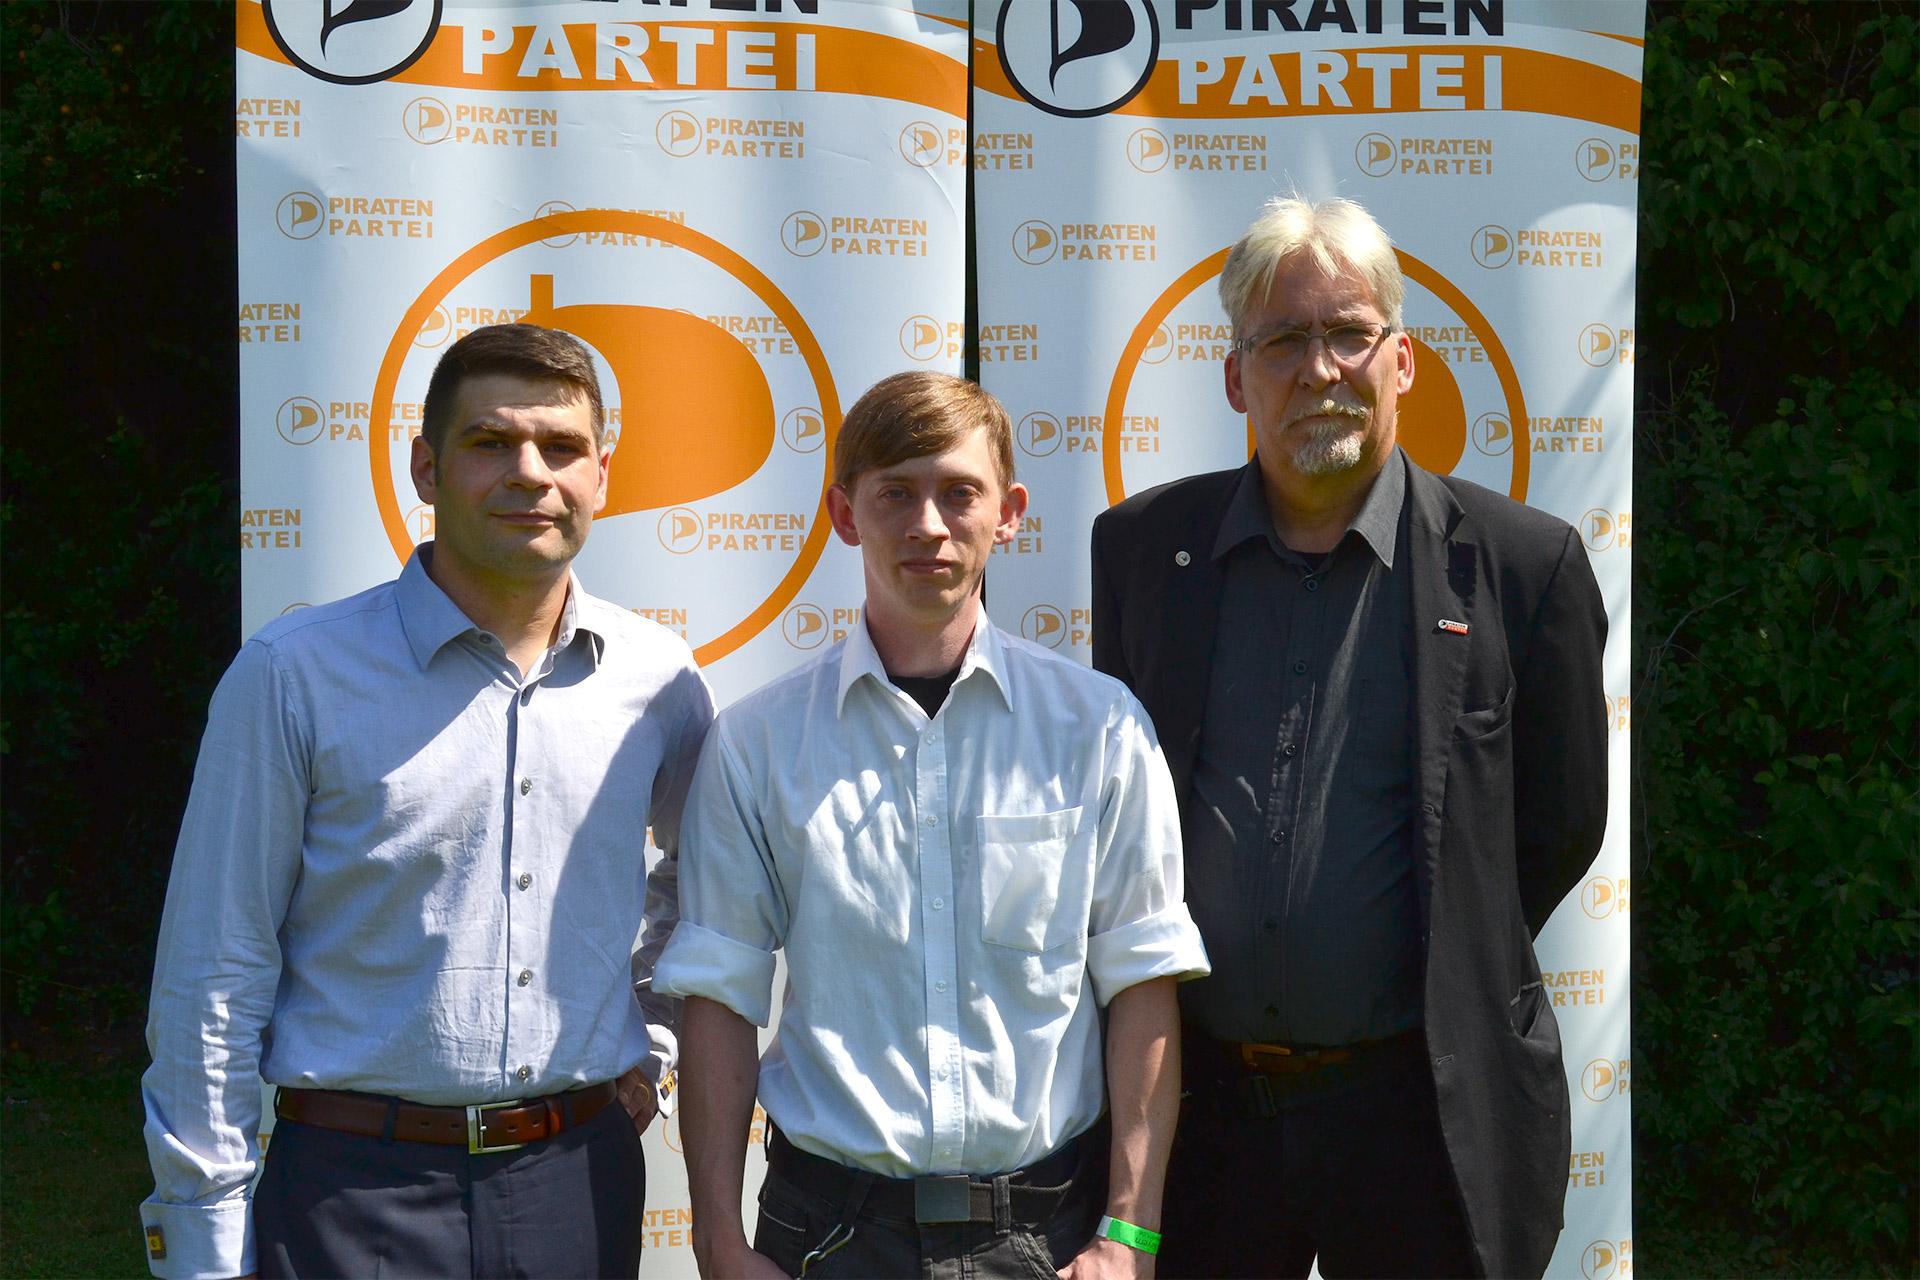 Spitzentrio: Thomas Mayer, Benjamin Wildenauer, Martin Kollien-Glaser